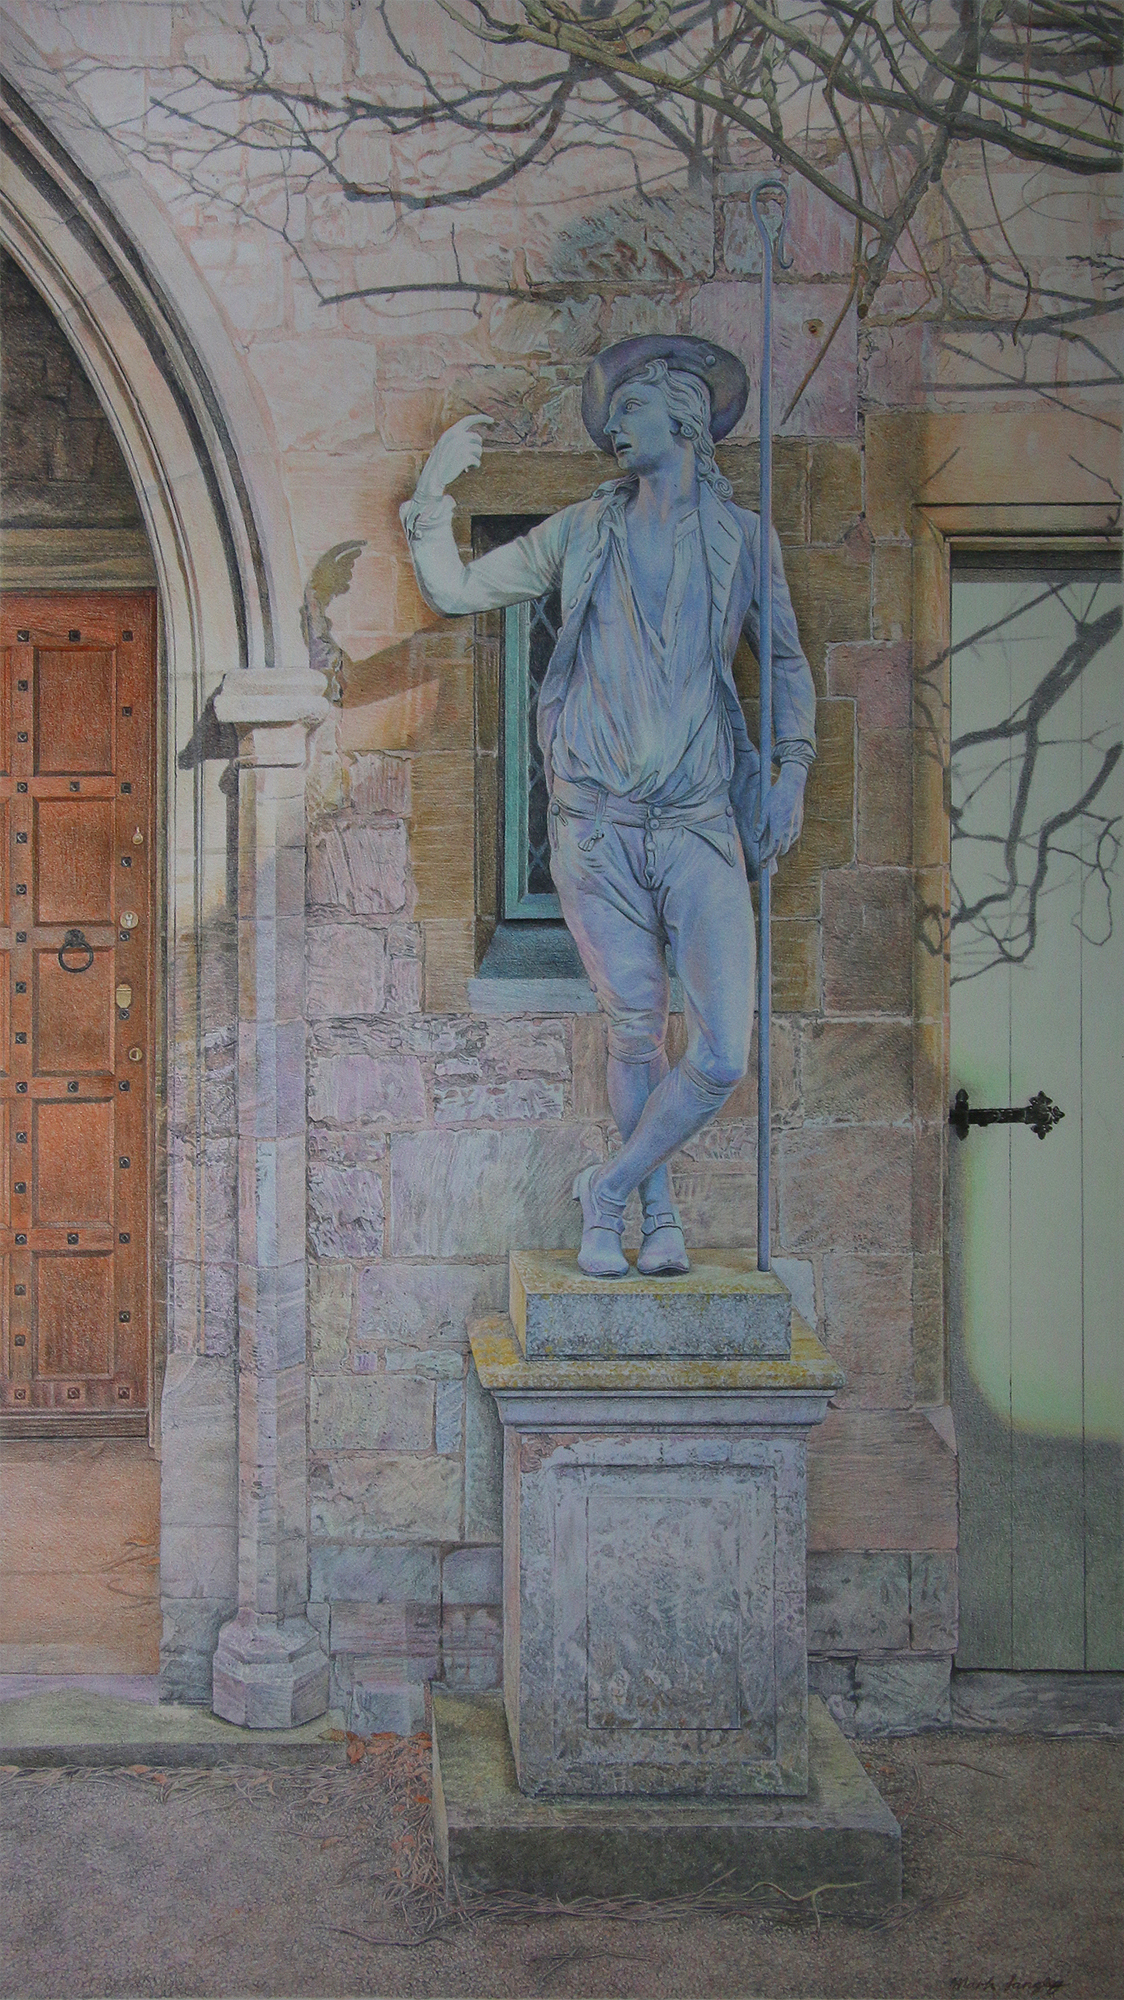 MARK LANGLEY, Shepherd's Temptation, Colour pencil, 30 x 54 cm